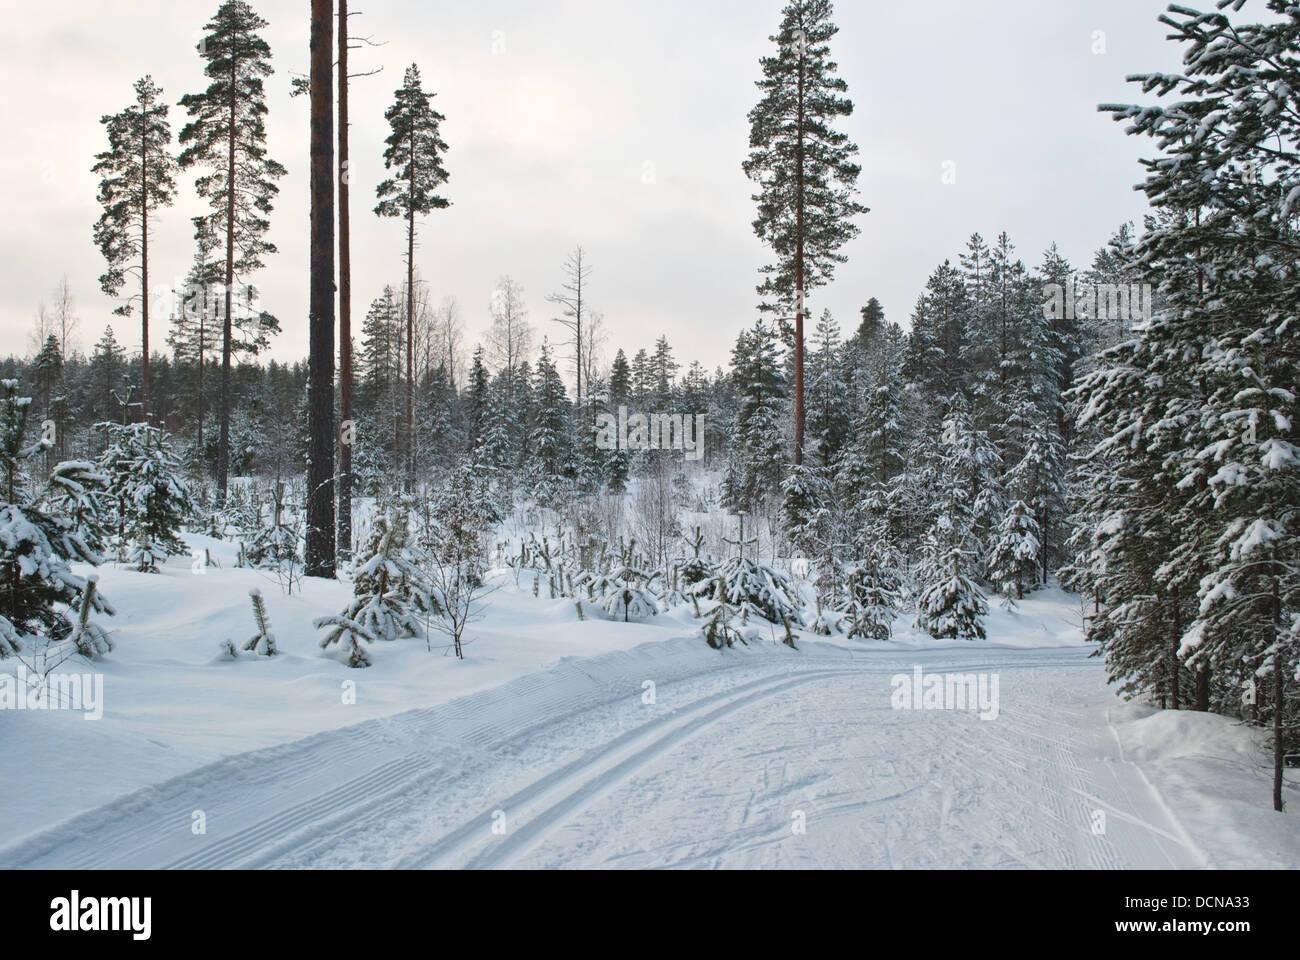 The ski-run ten miles in the sports center Vierumaki, Finland. - Stock Image